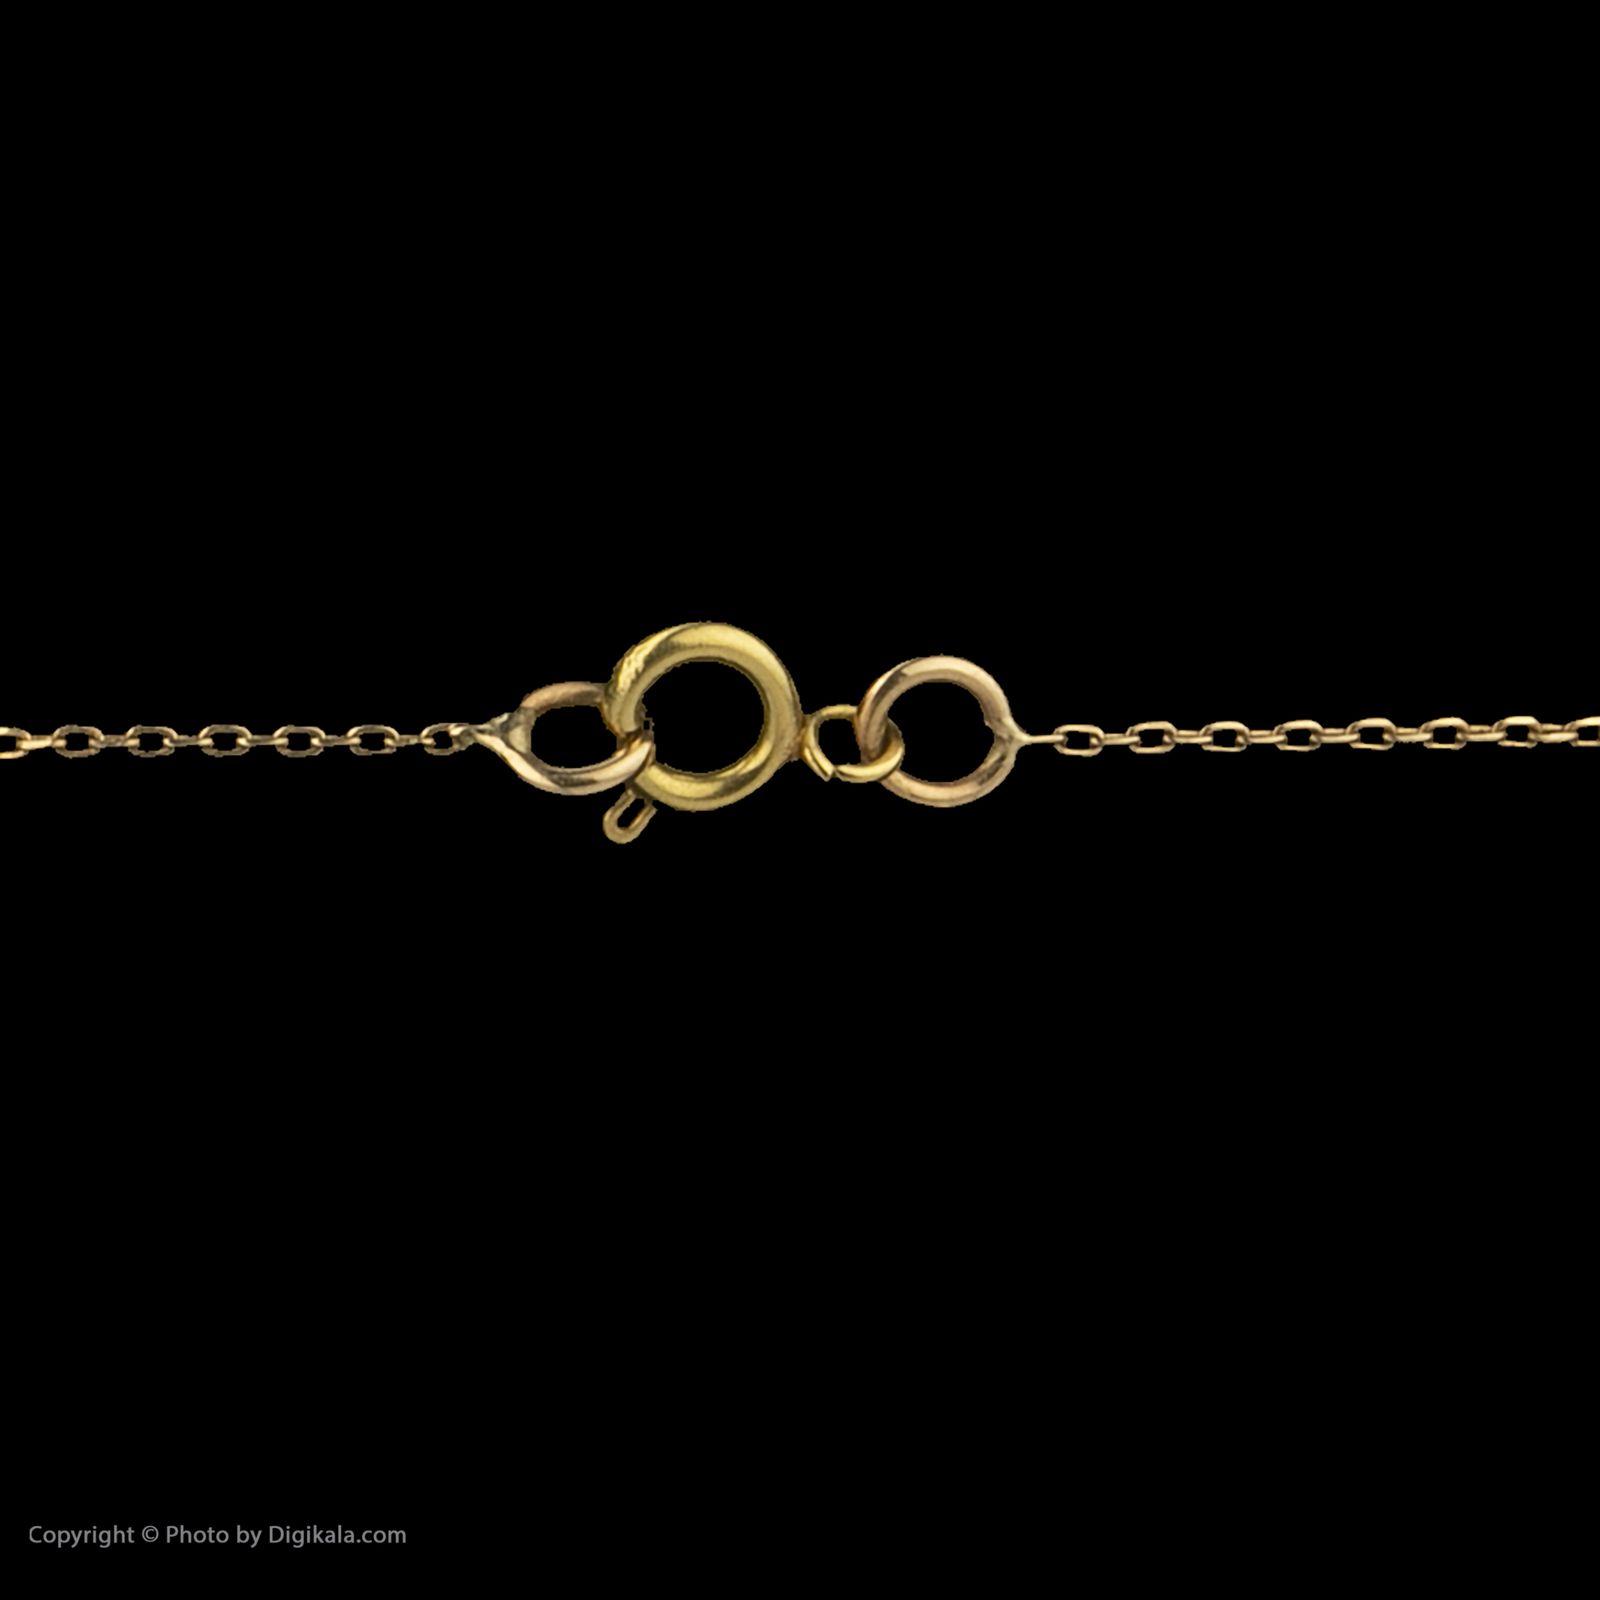 گردنبند طلا 18 عیار زنانه سنجاق مدل x089828 -  - 5